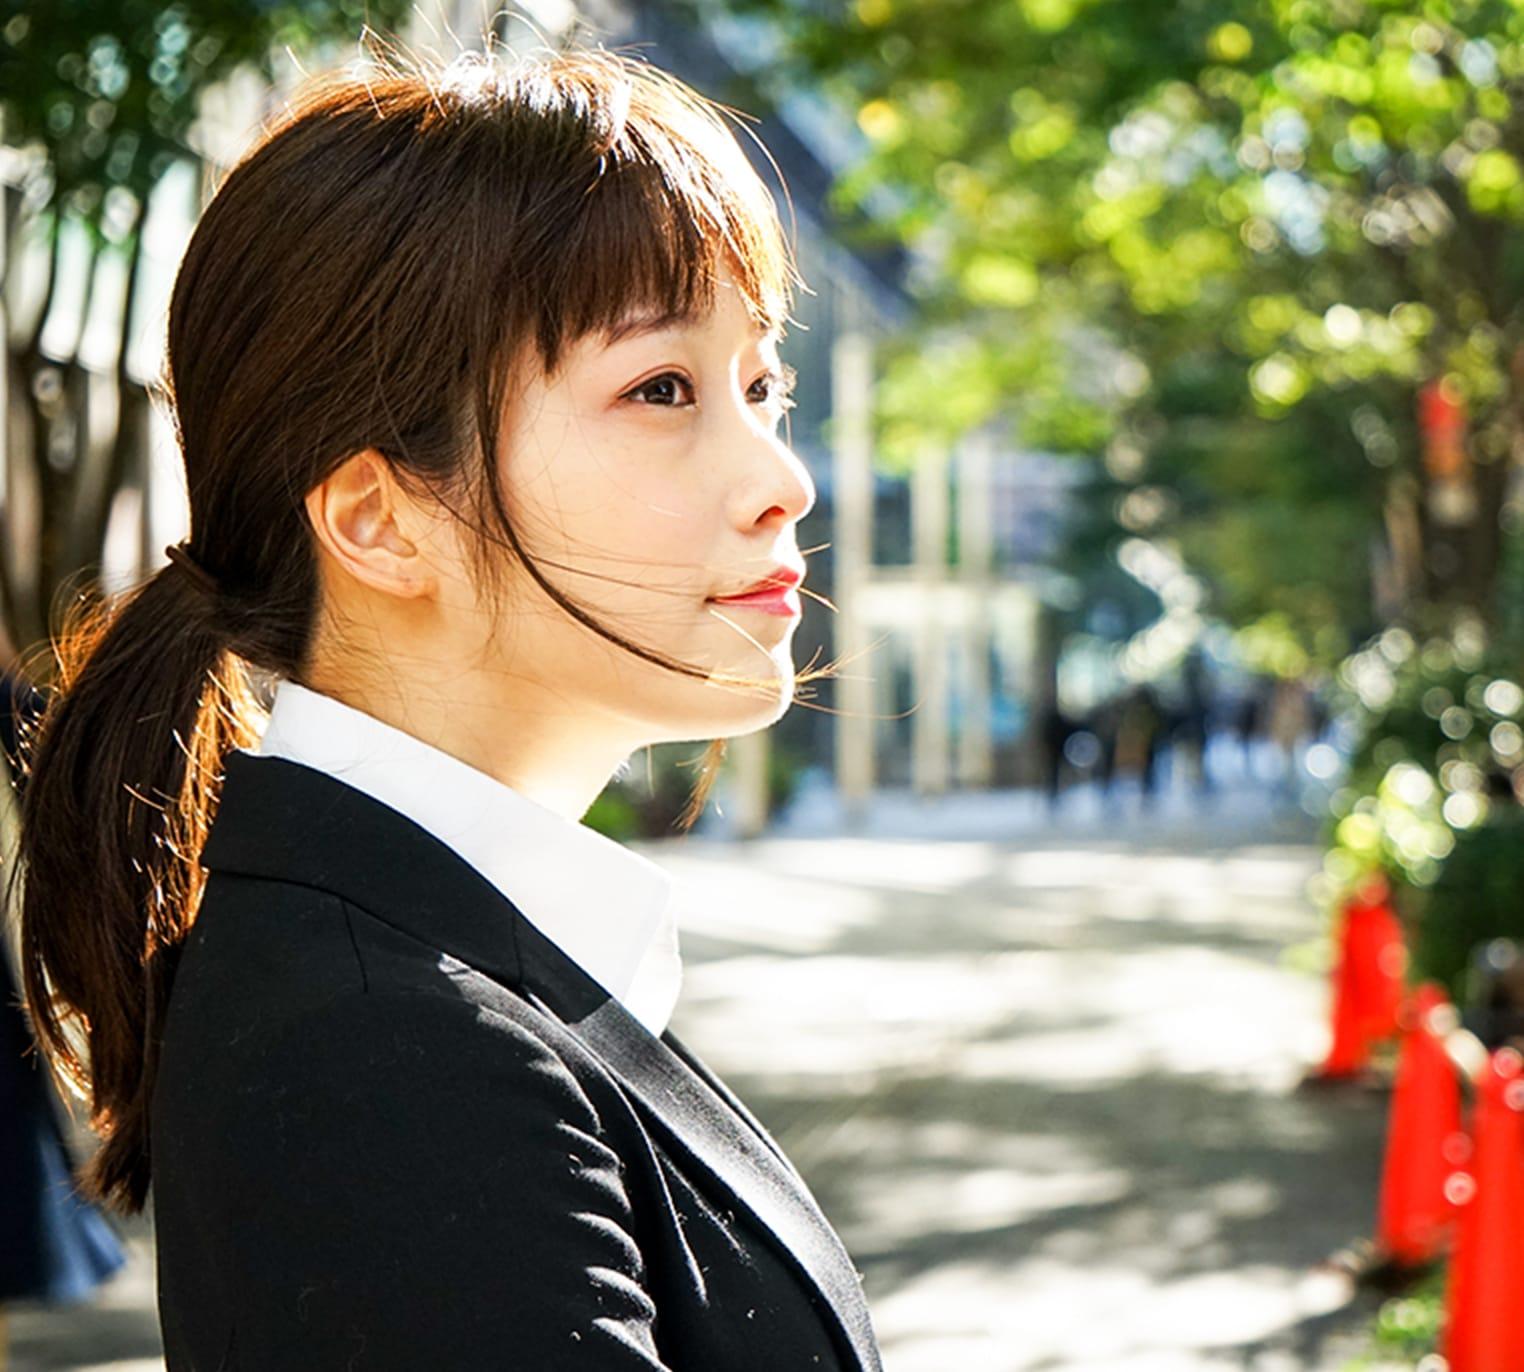 遠くを見つめるスーツ姿の若い女性の画像